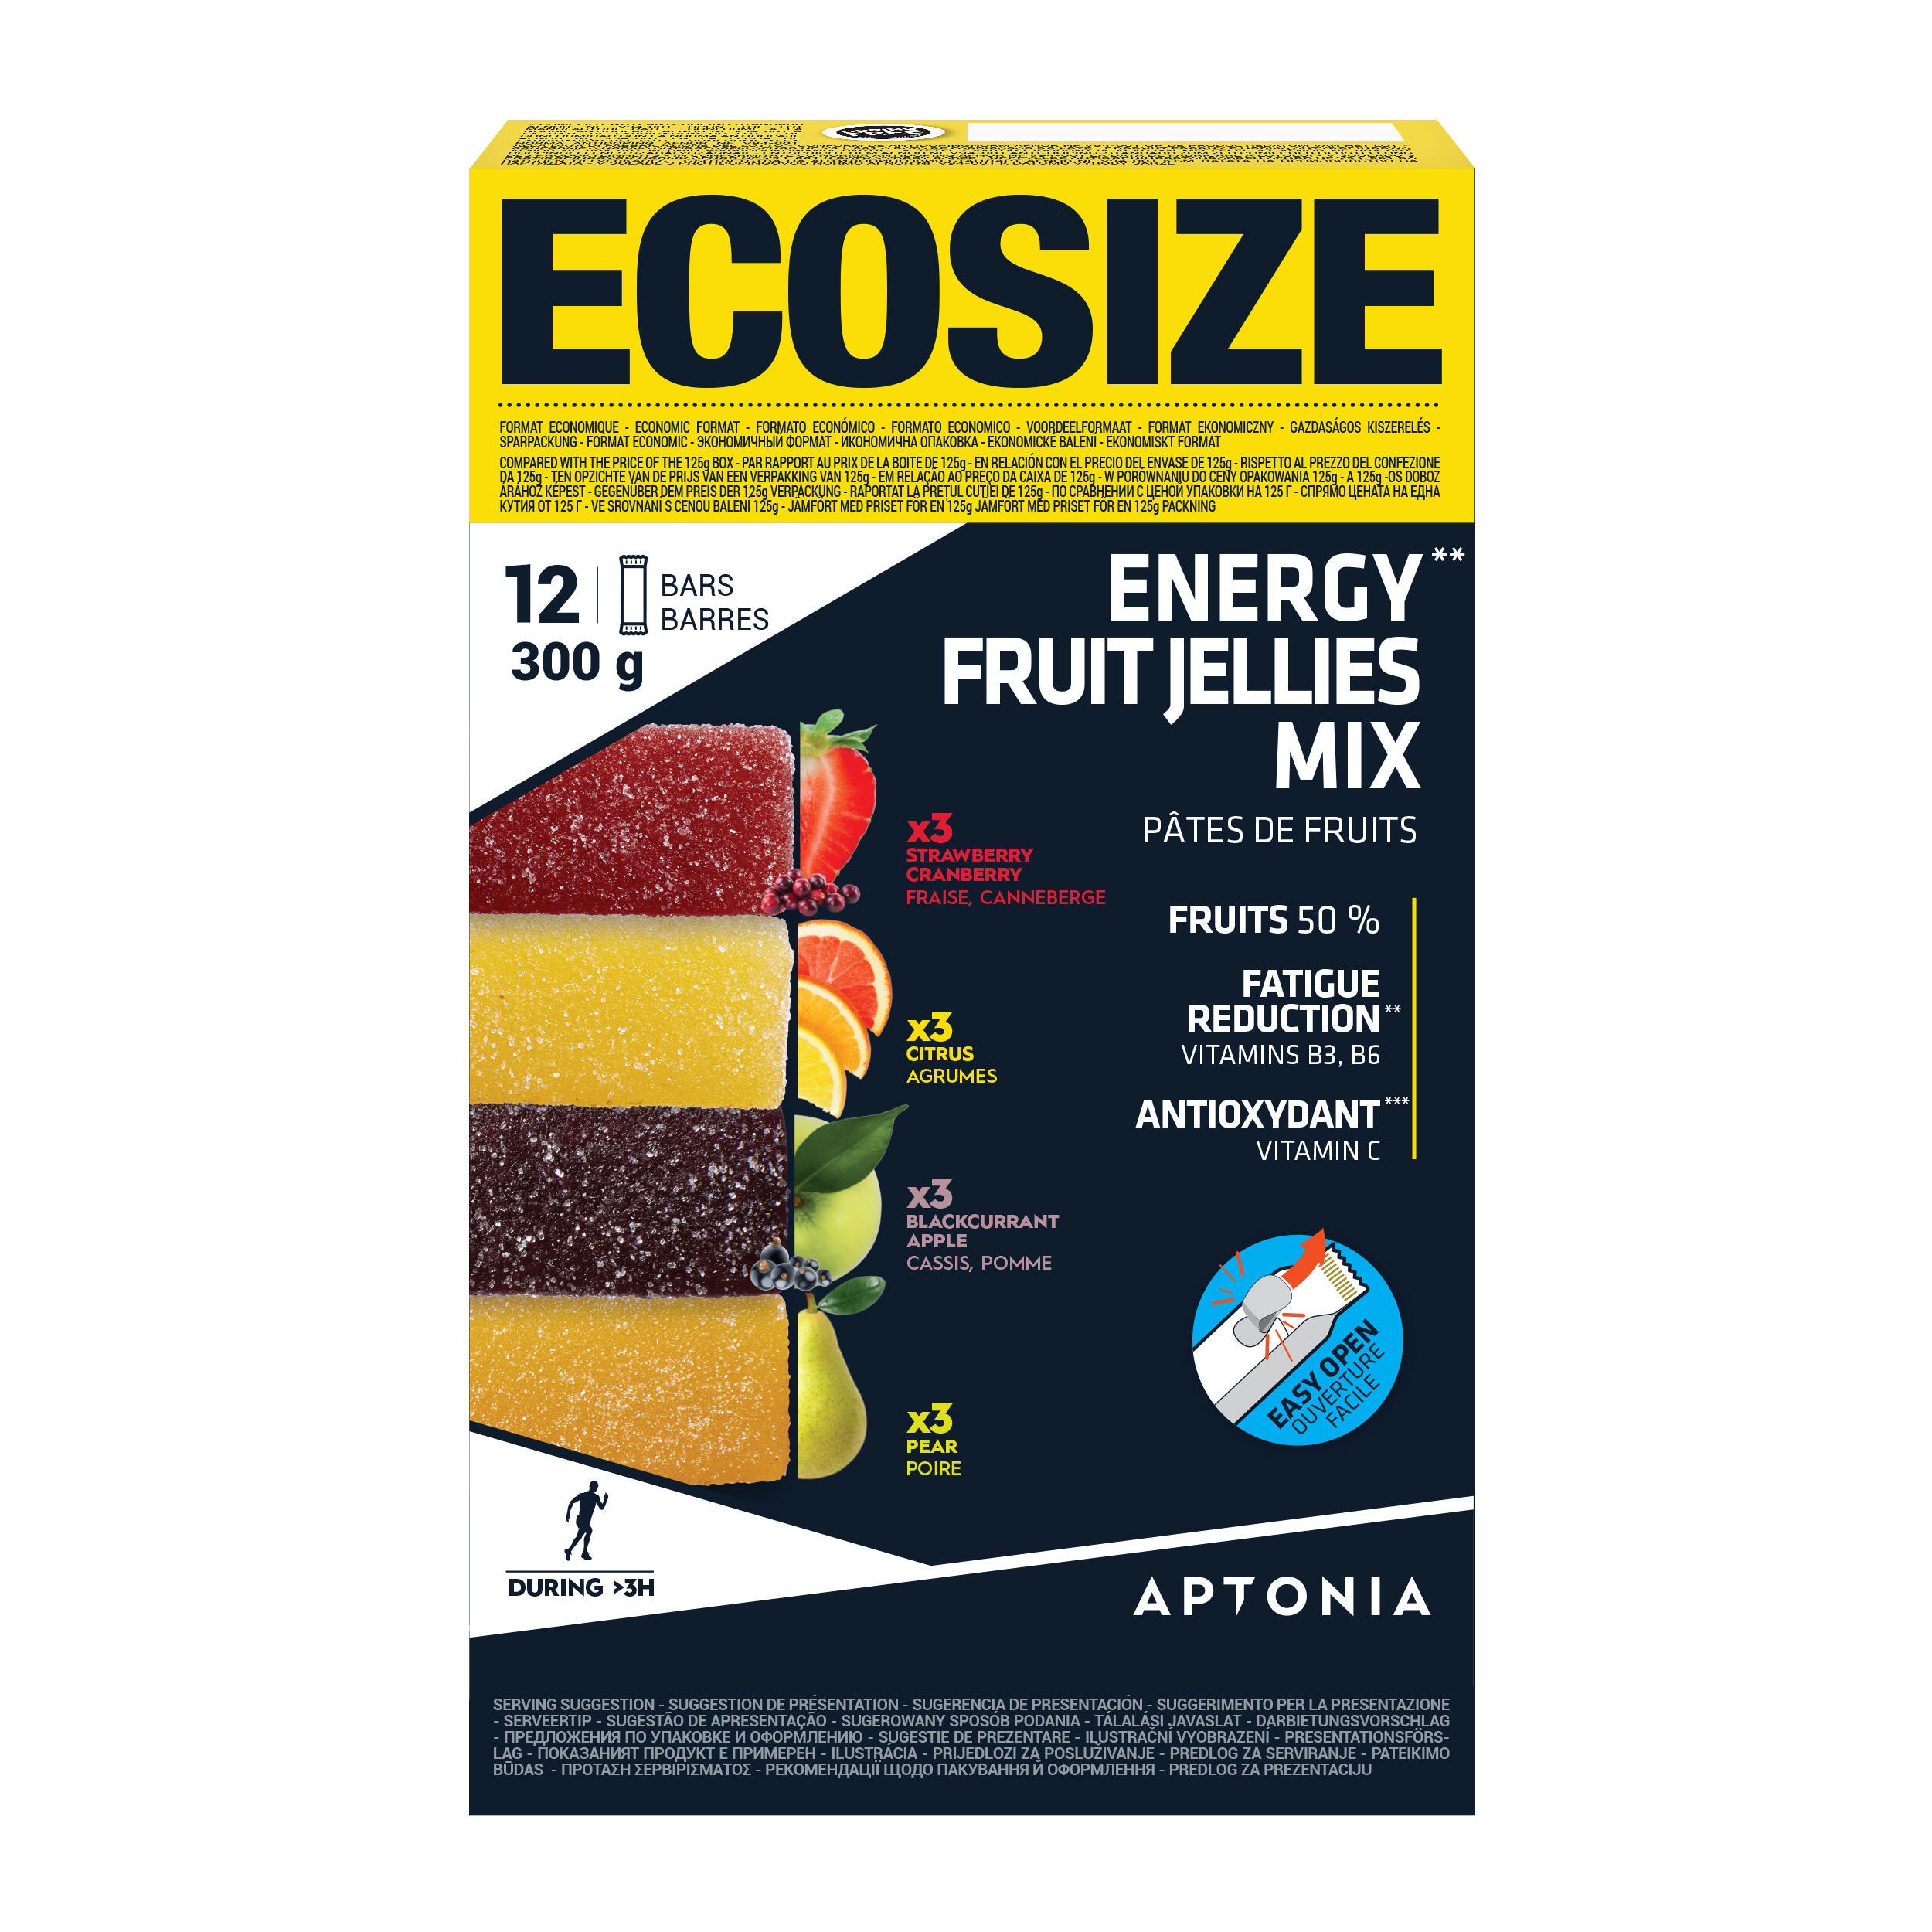 Mix Pastă de fructe 12x25g